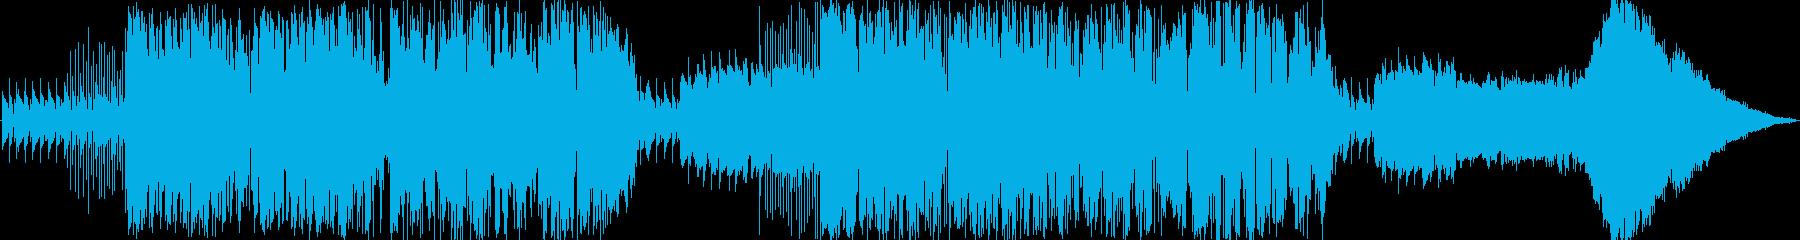 アンビエント、フリージャズの再生済みの波形